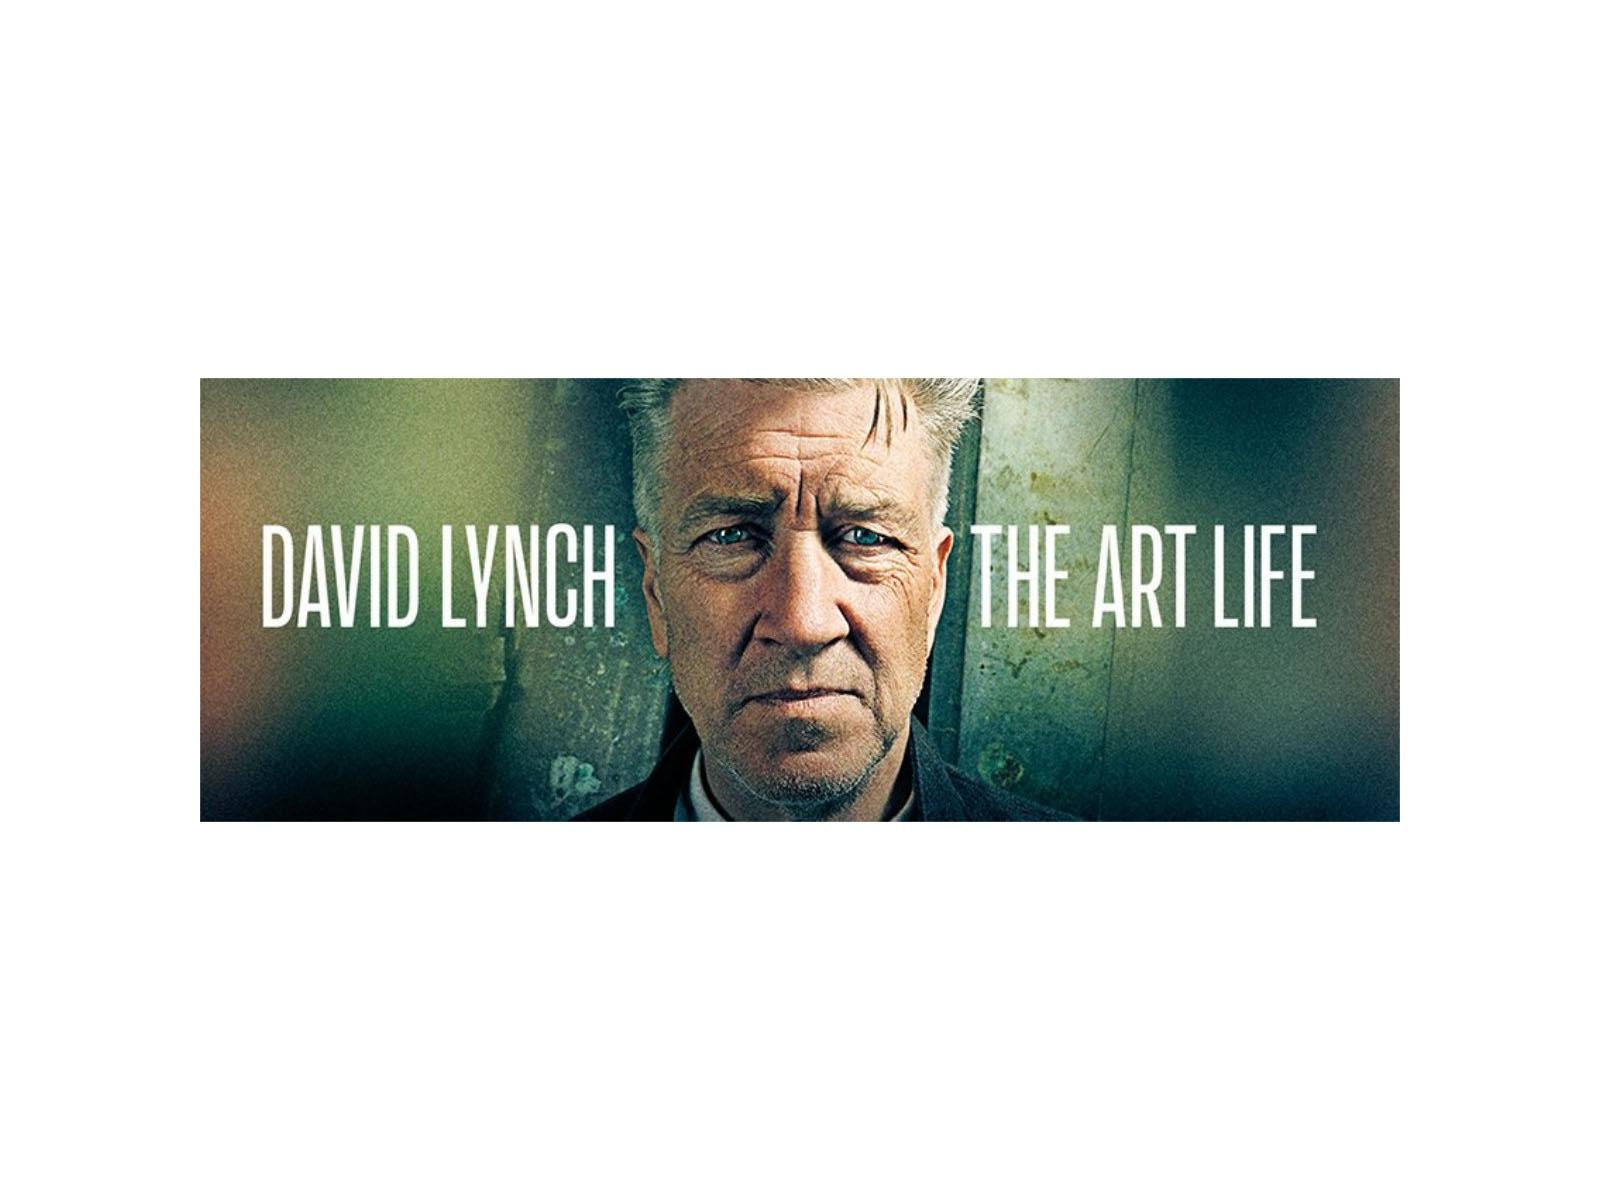 デヴィッド・リンチのドキュメンタリー映画 『David Lynch: The Art Life』 日本公開決定!